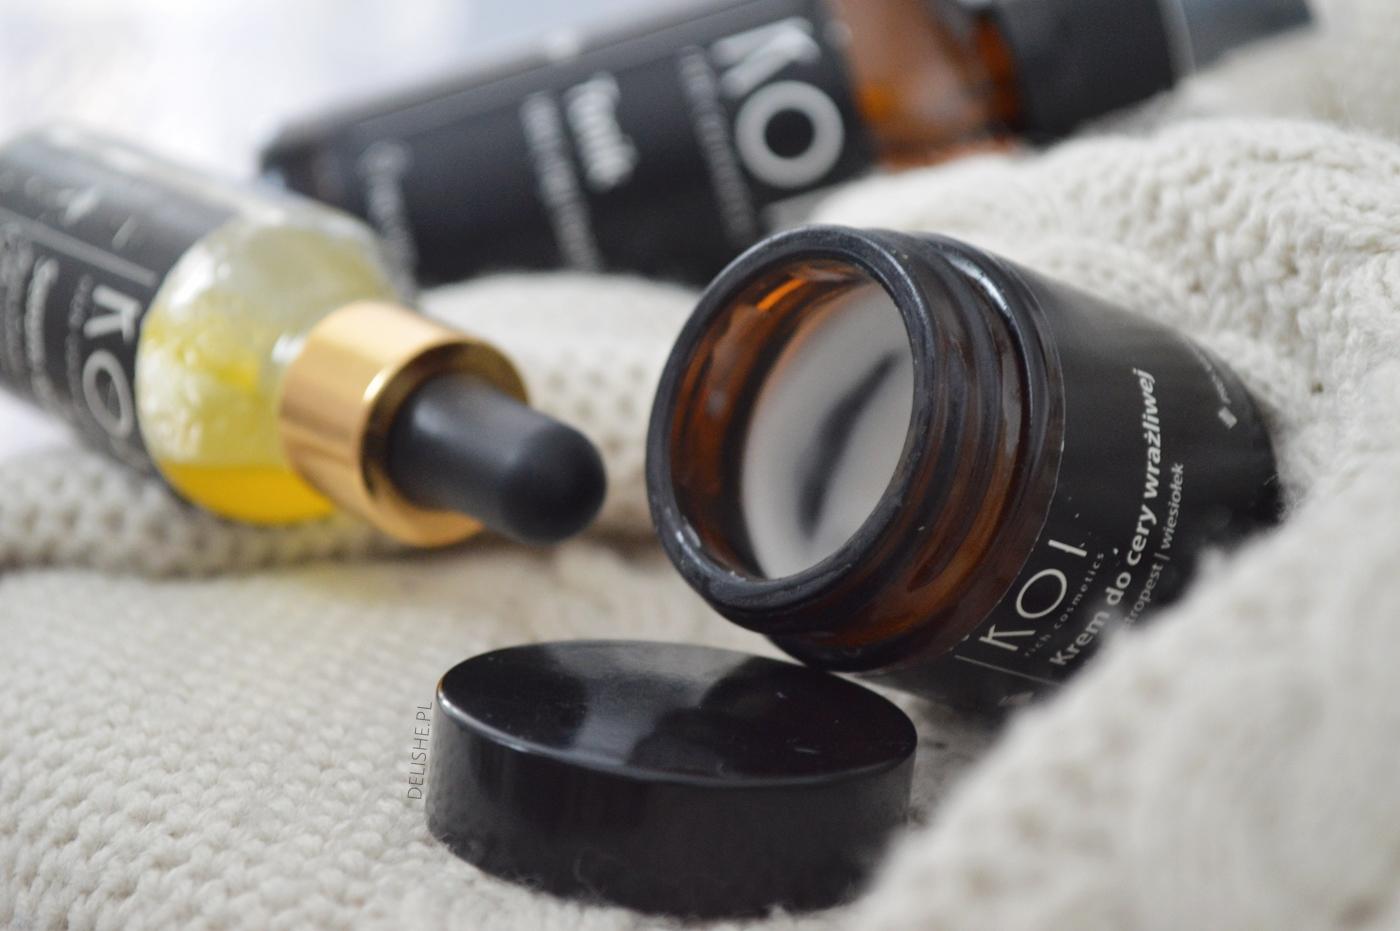 najlepsze kosmetyki do pielęgnacji KOI Cosmetics